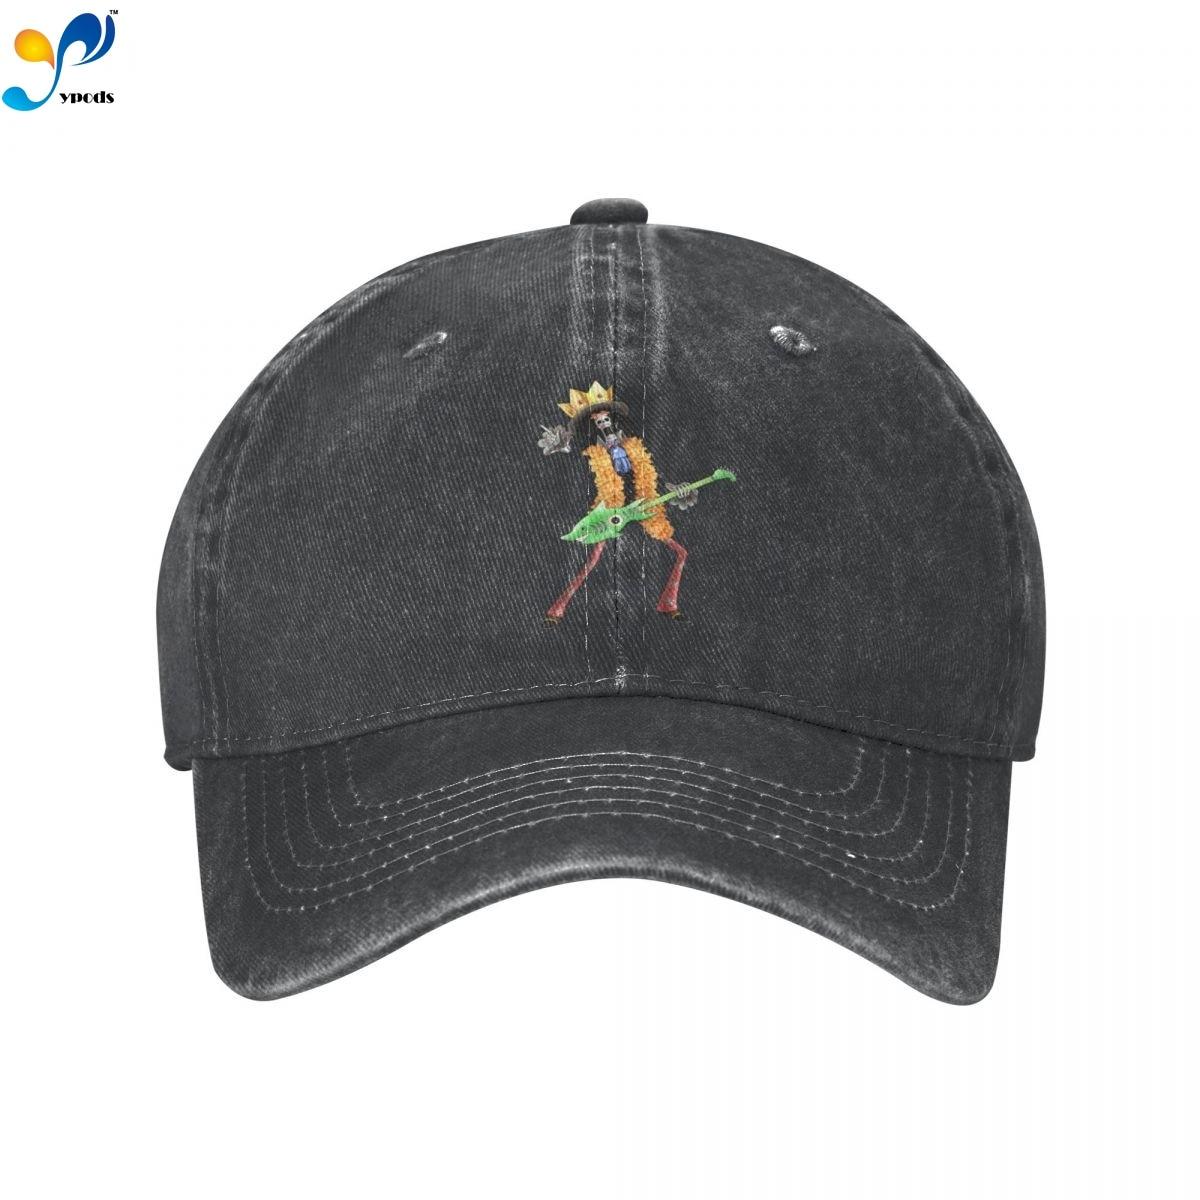 Цельная джинсовая бейсболка, Снэпбэк кепки, шапка для мужчин и женщин, мужская Кепка, кепки, шапки